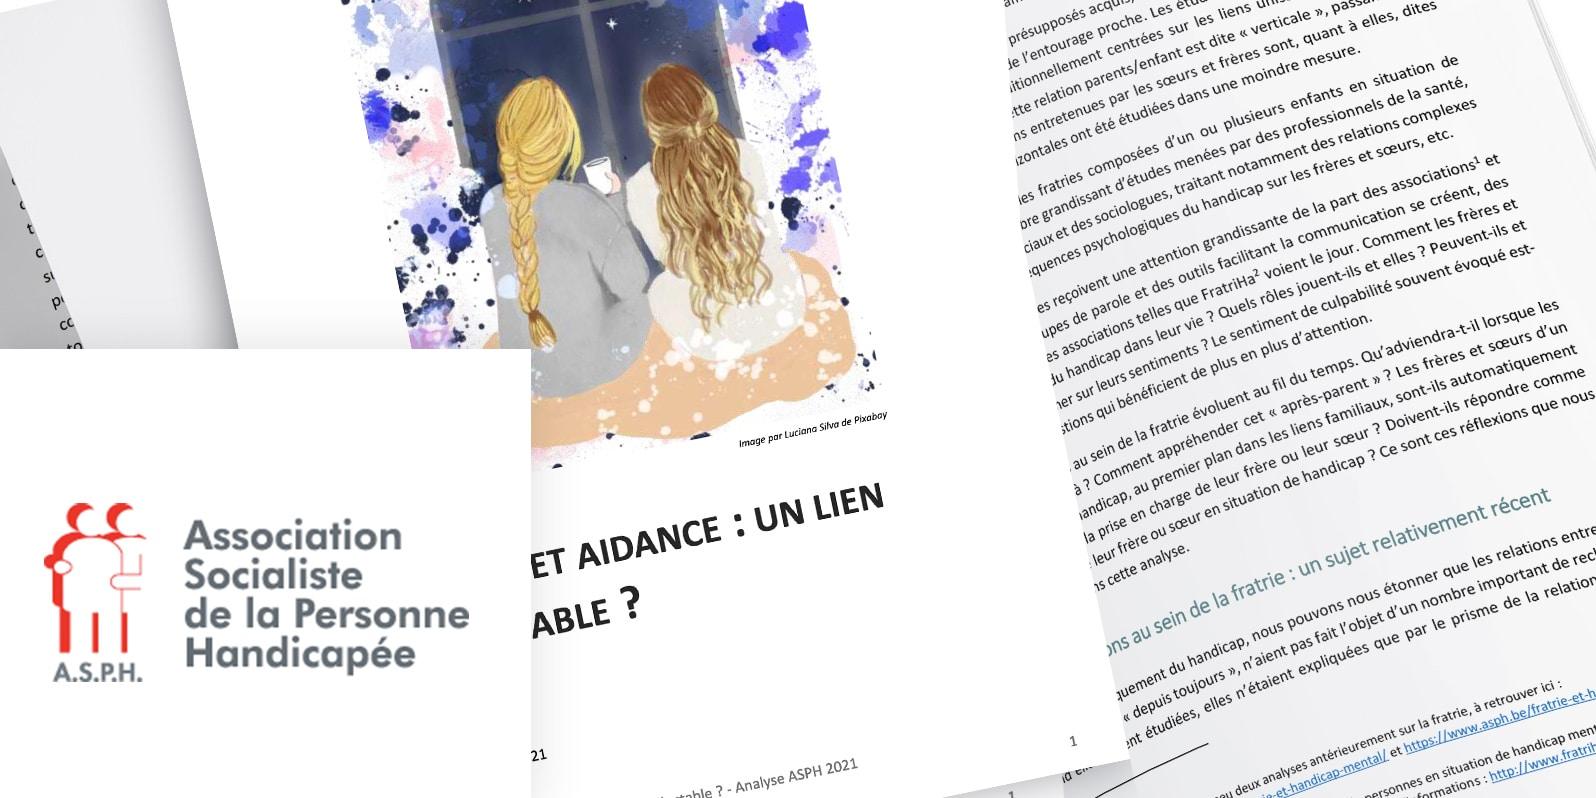 Fratrie et aidance: un lien inéluctable?-AnalyseASPH 20211FRATRIE ET AIDANCE:UN LIEN INÉLUCTABLE?